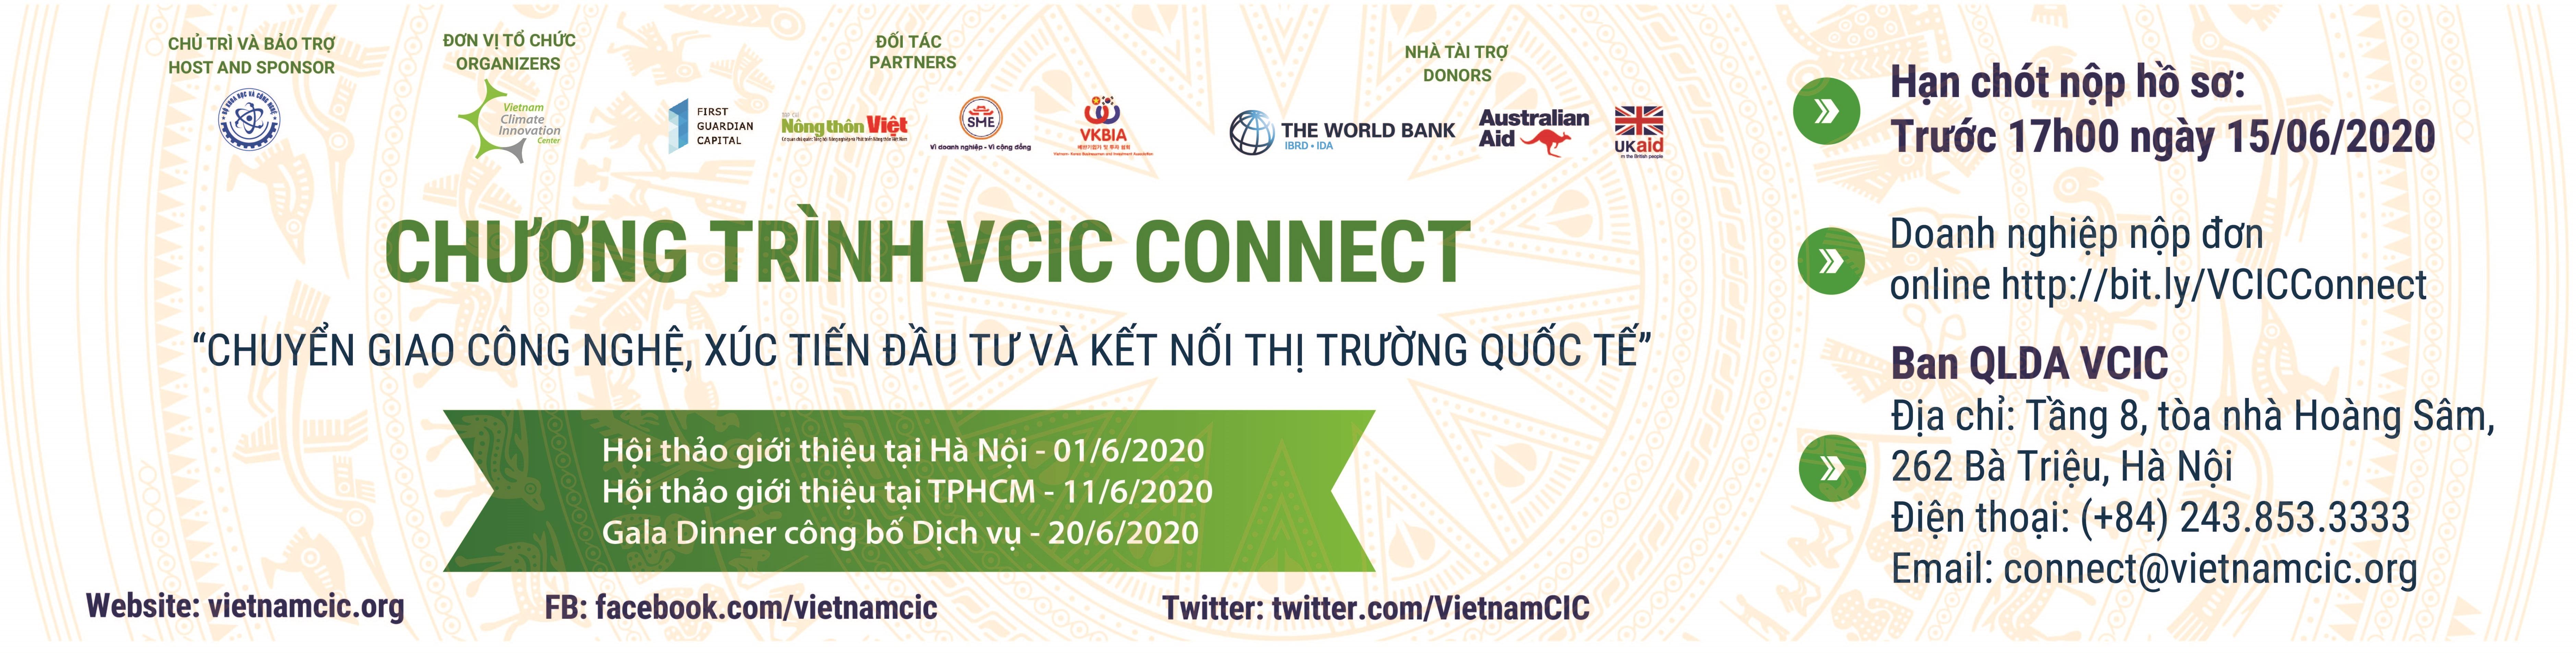 """Chương trình VCIC Connect """"Chuyển giao công nghệ, xúc tiến đầu tư và kết nối thị trường quốc tế"""""""